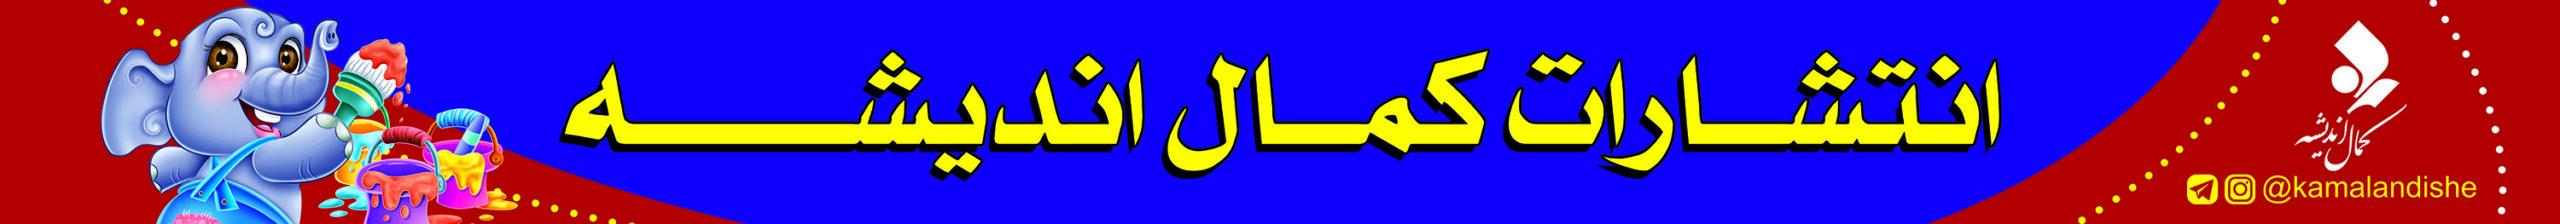 top-bar-banner